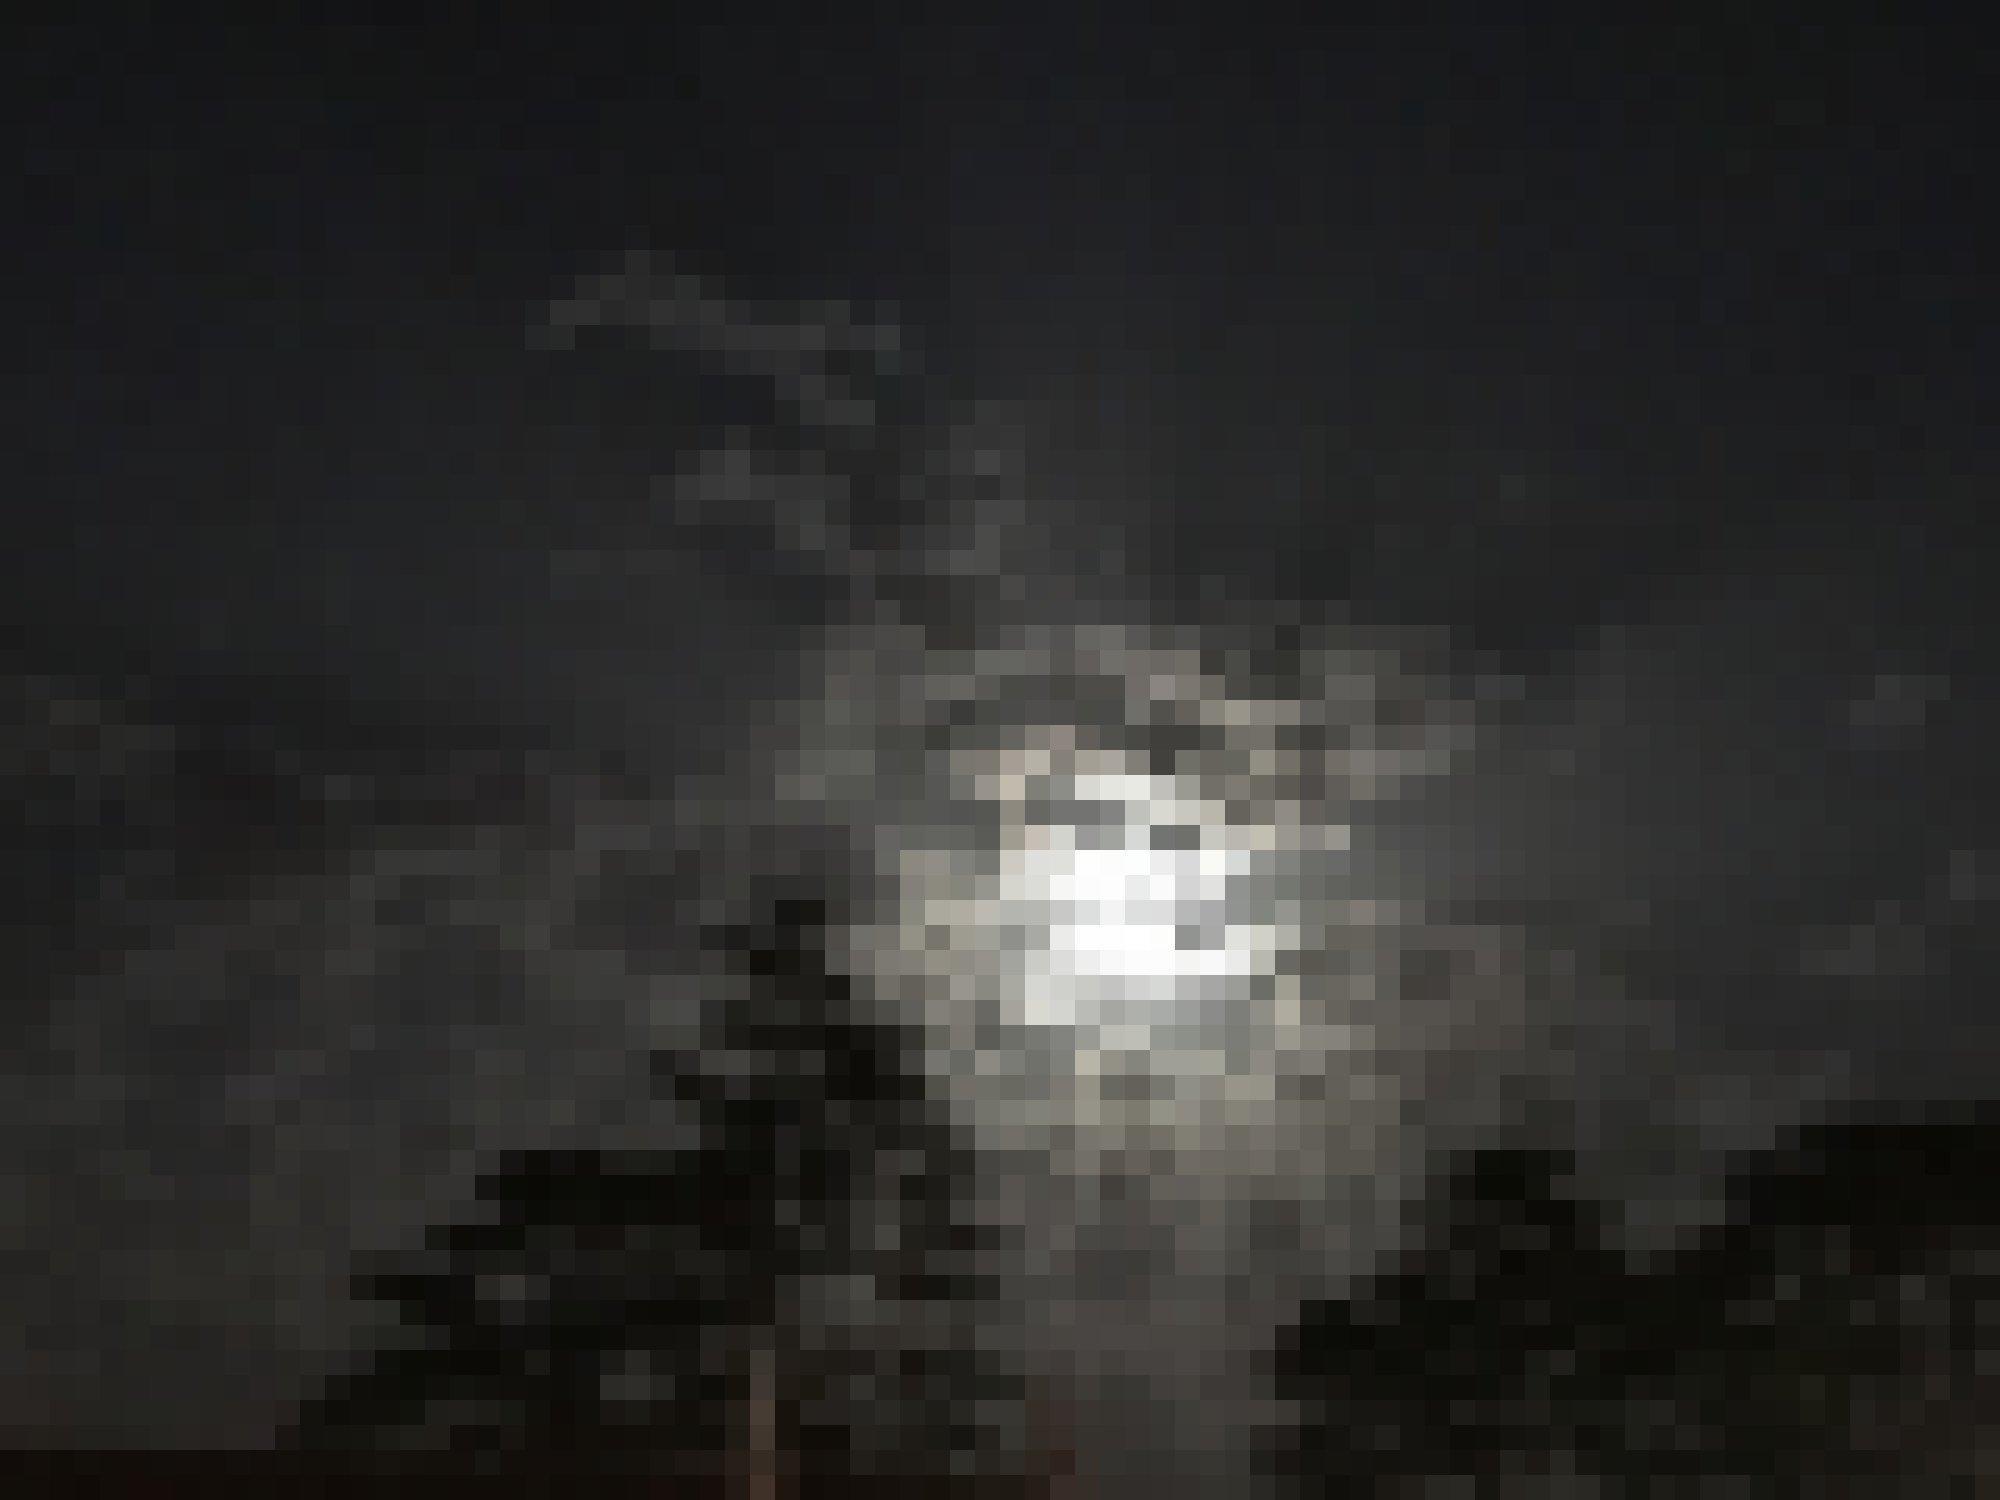 Der Vollmond ist ein wenig durch Wolken verdeckt und leuchtet diese an.